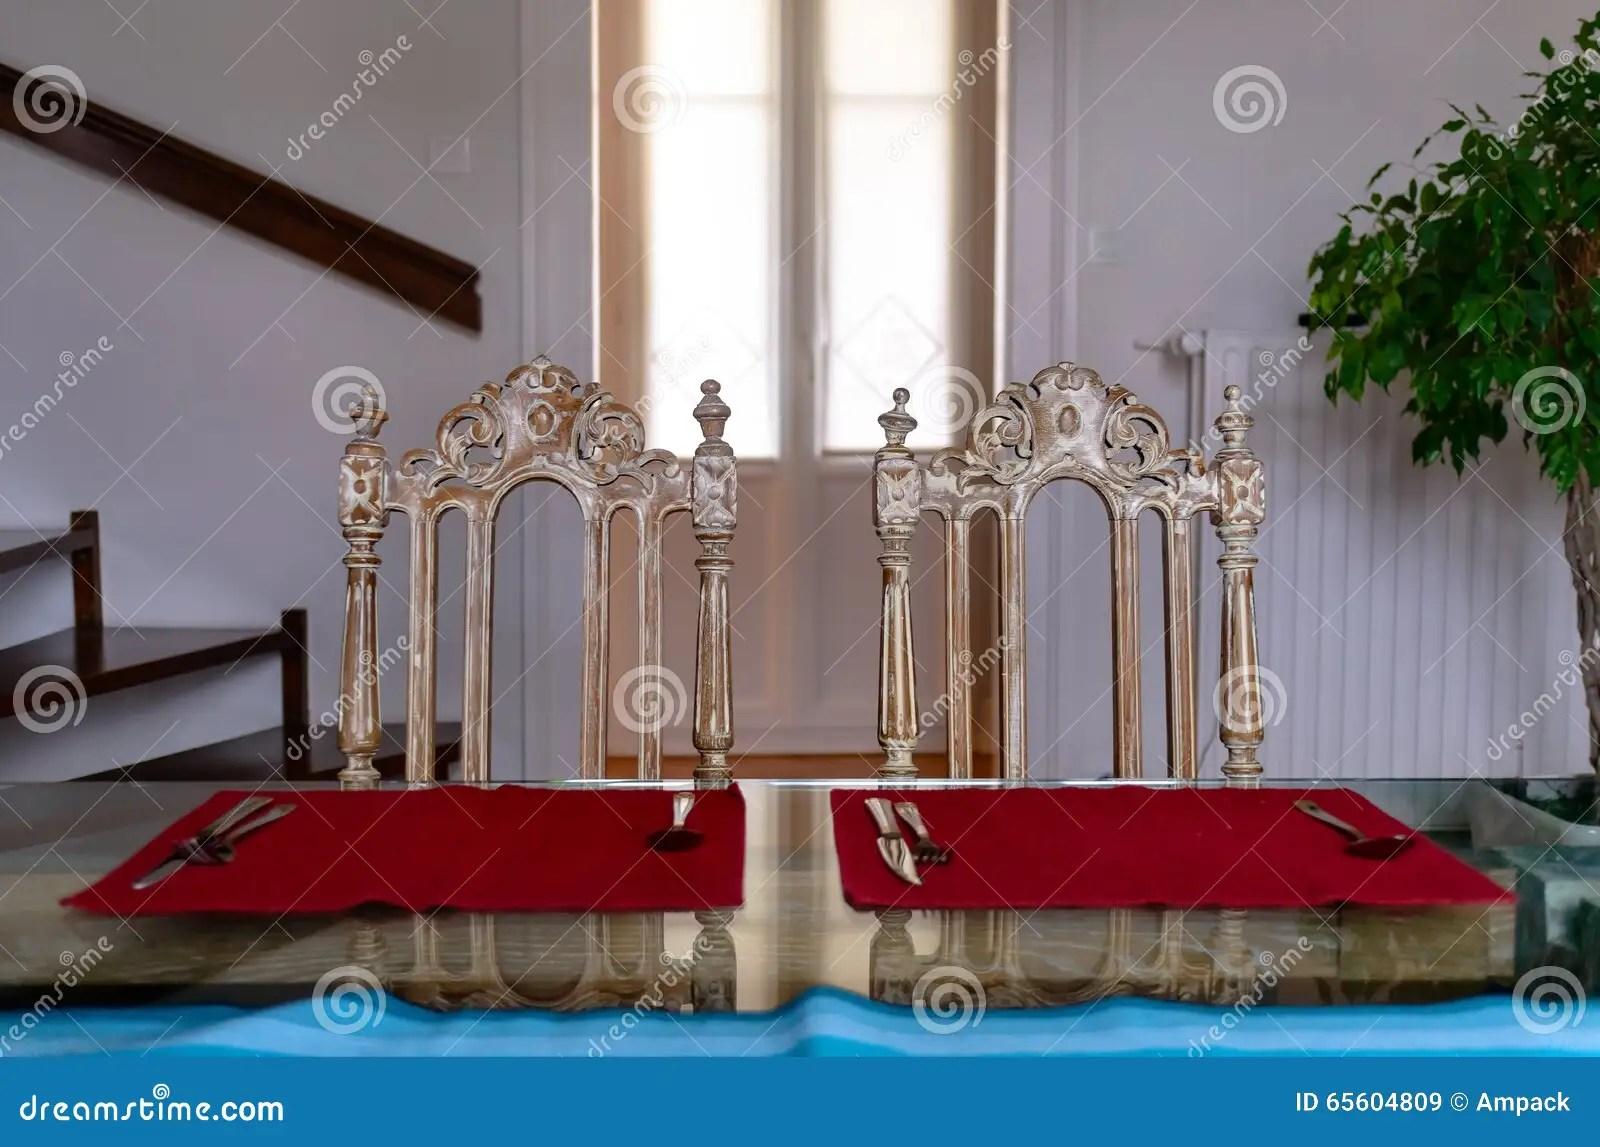 kitchen glass table pendant lighting over island 反对窗口的厨房玻璃桌和两葡萄酒椅子库存图片 图片包括有居住 窗帘 反对窗口的厨房玻璃桌和两葡萄酒椅子